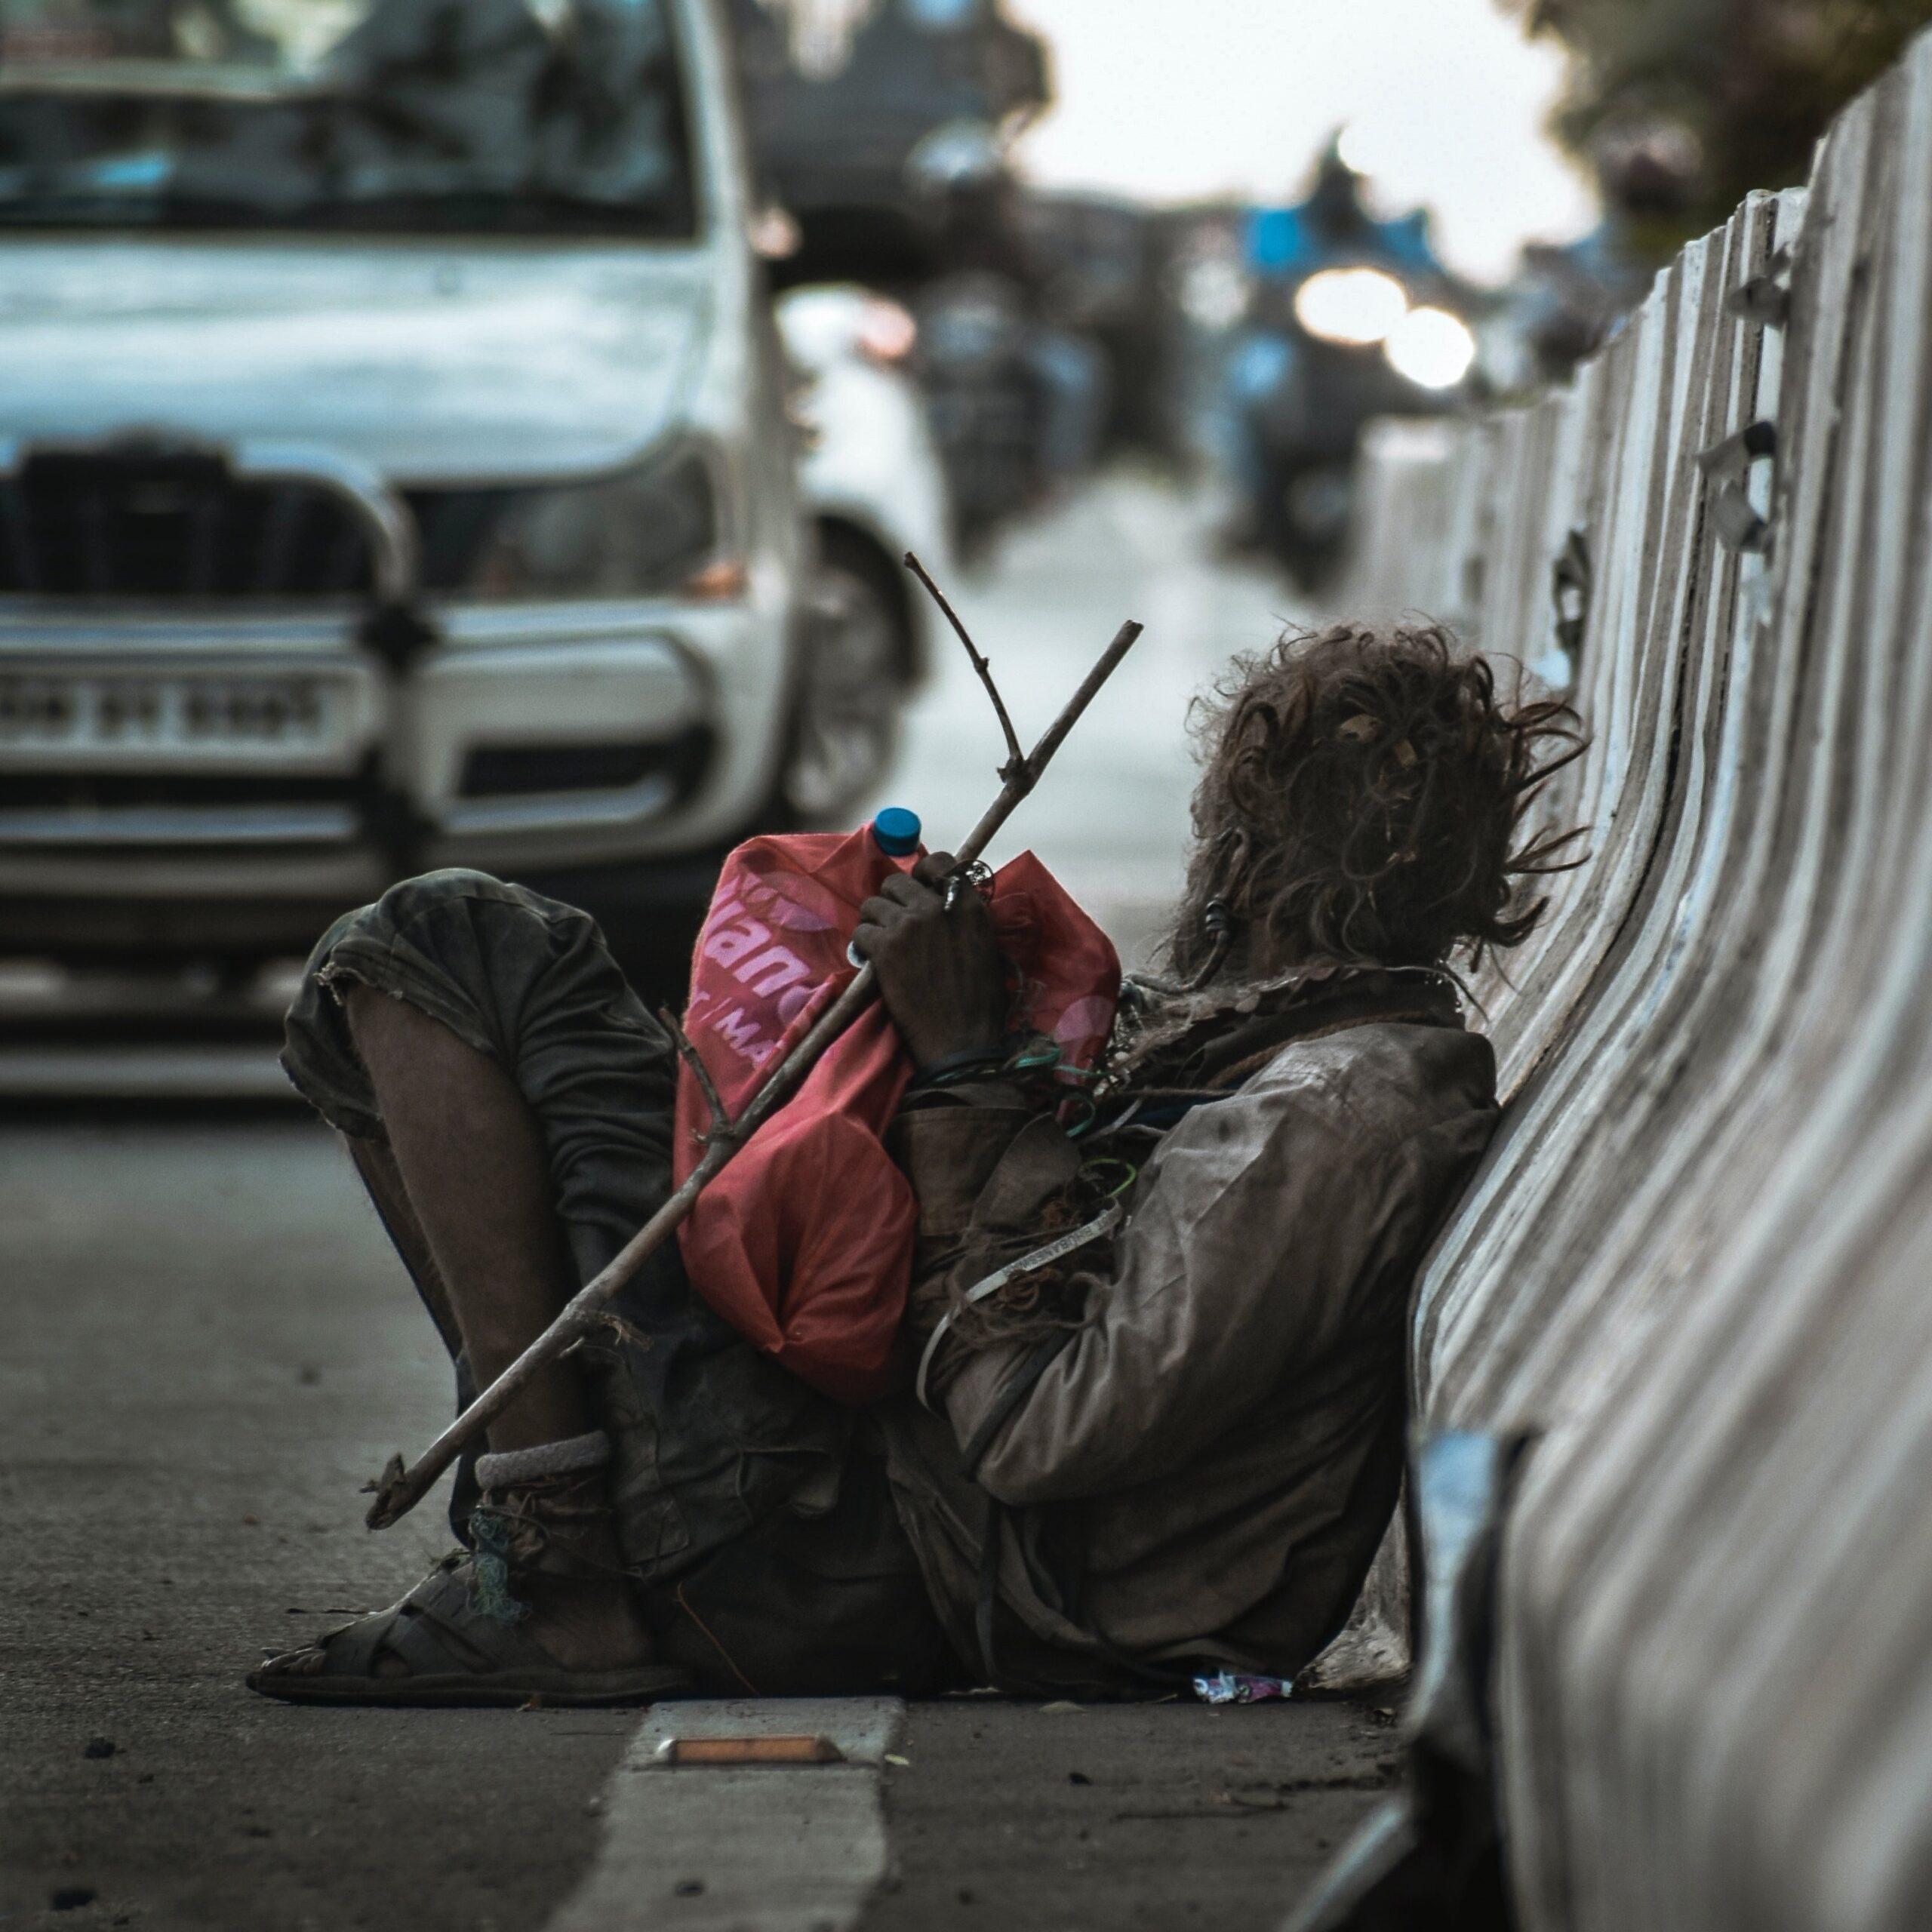 日本も二極化、貧富の差が広がってきた。風水師が考える「相対的貧困」のお話